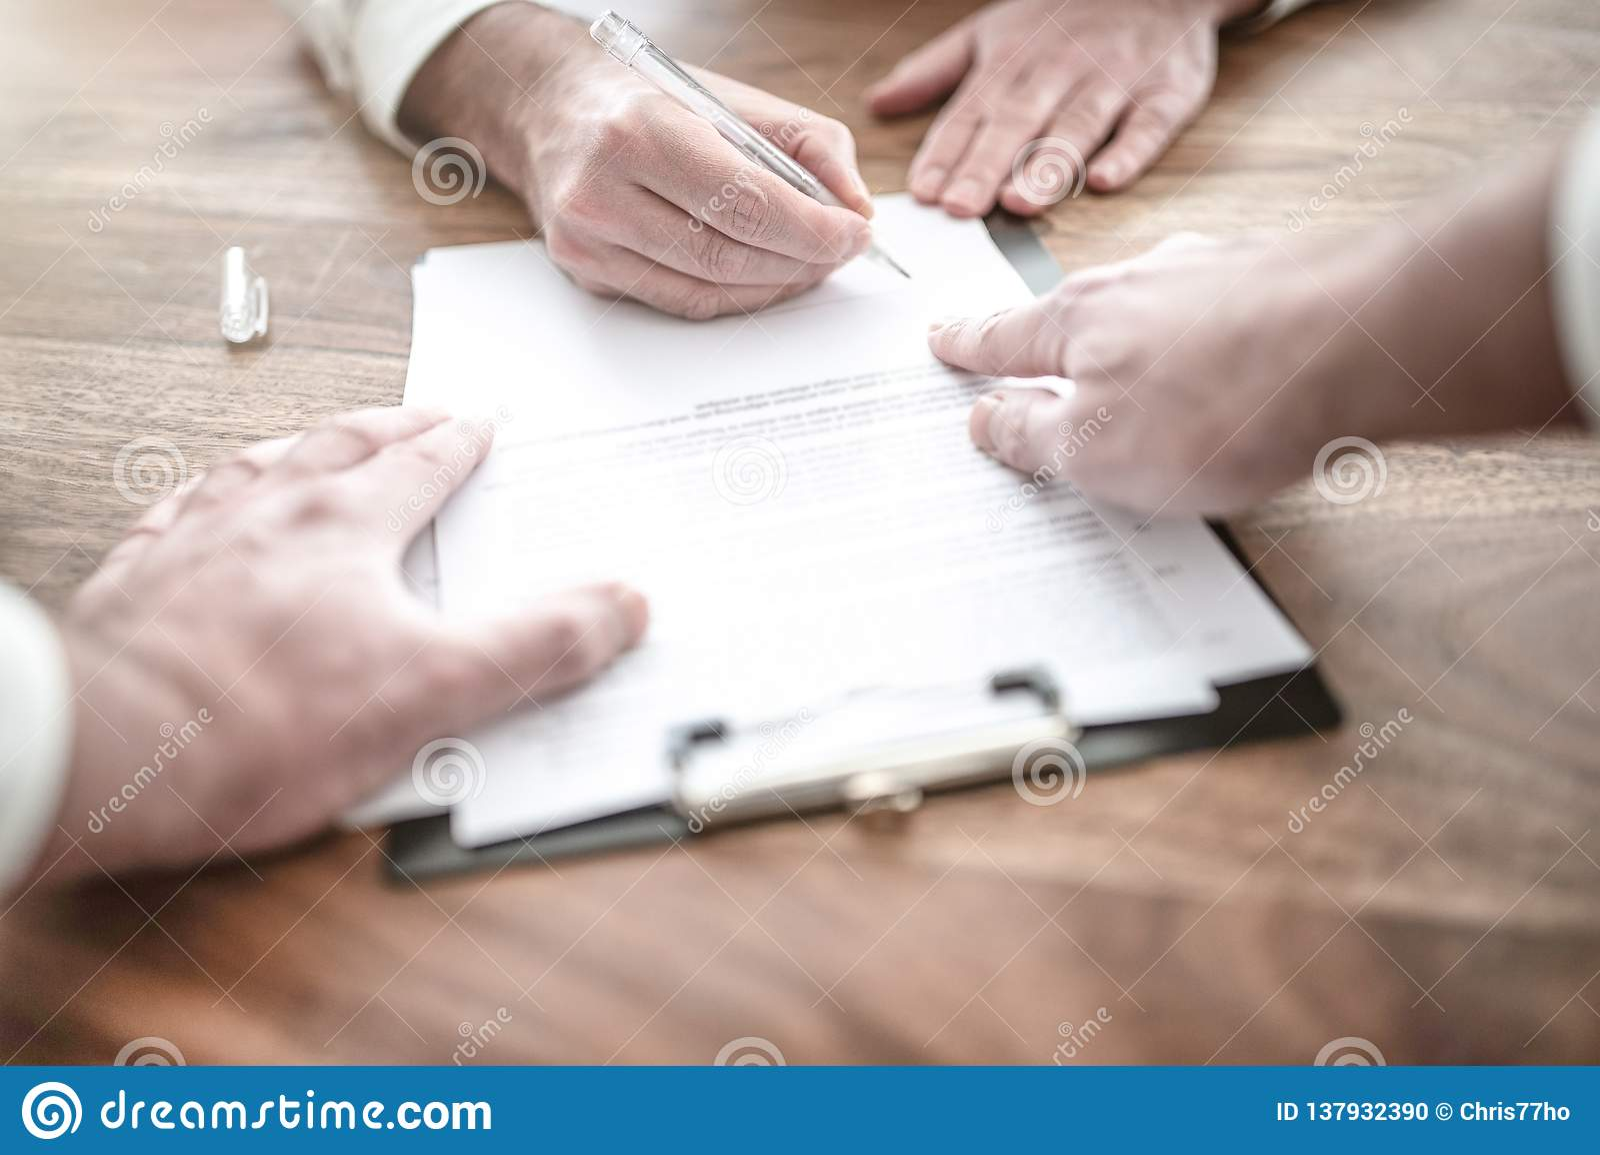 Undertecknande avtal för man på träskrivbordet med annan person som pekar på dokumentet